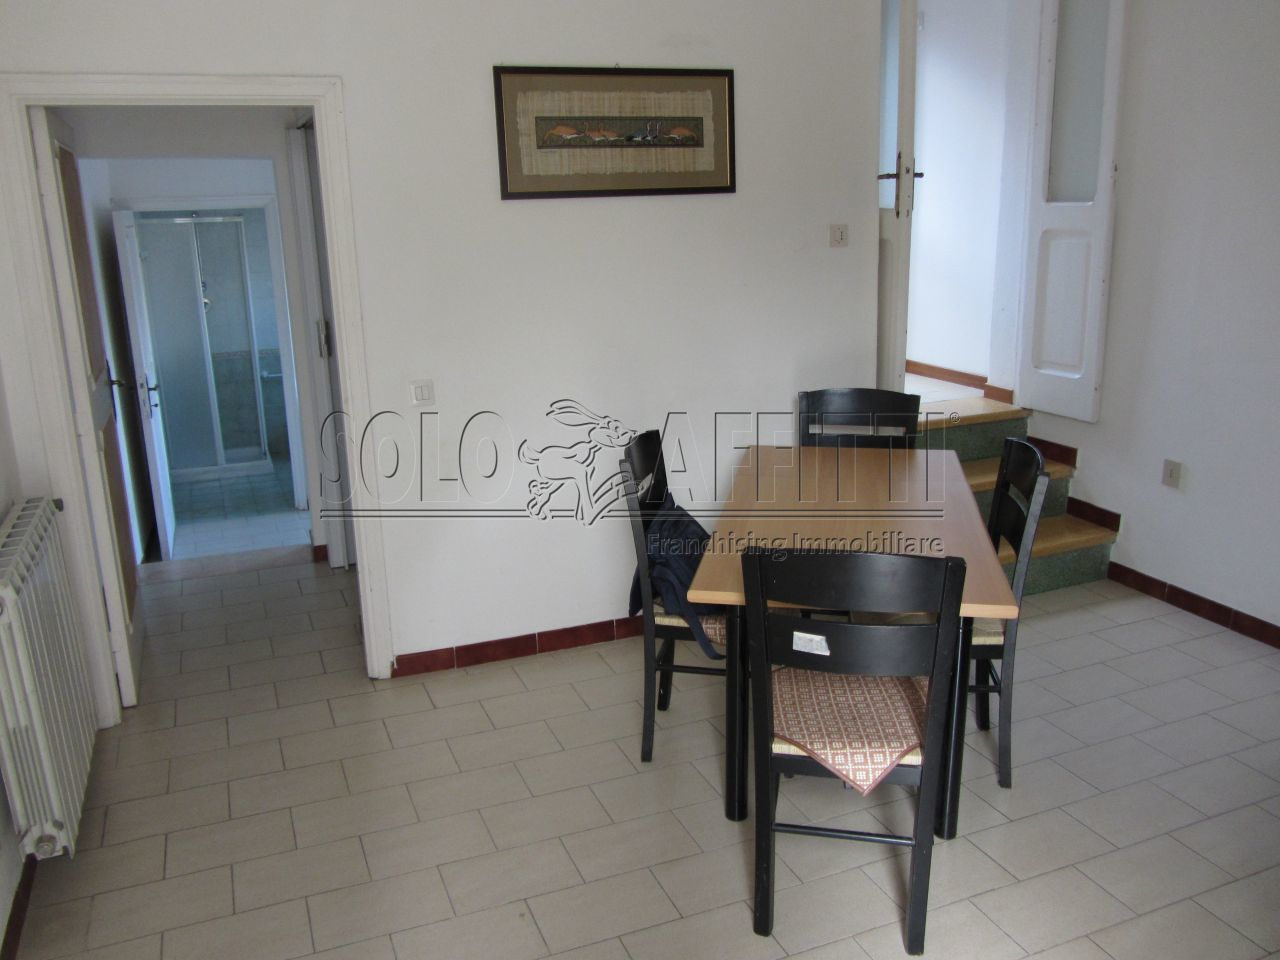 Appartamento - Bilocale a Ospedale, Terni